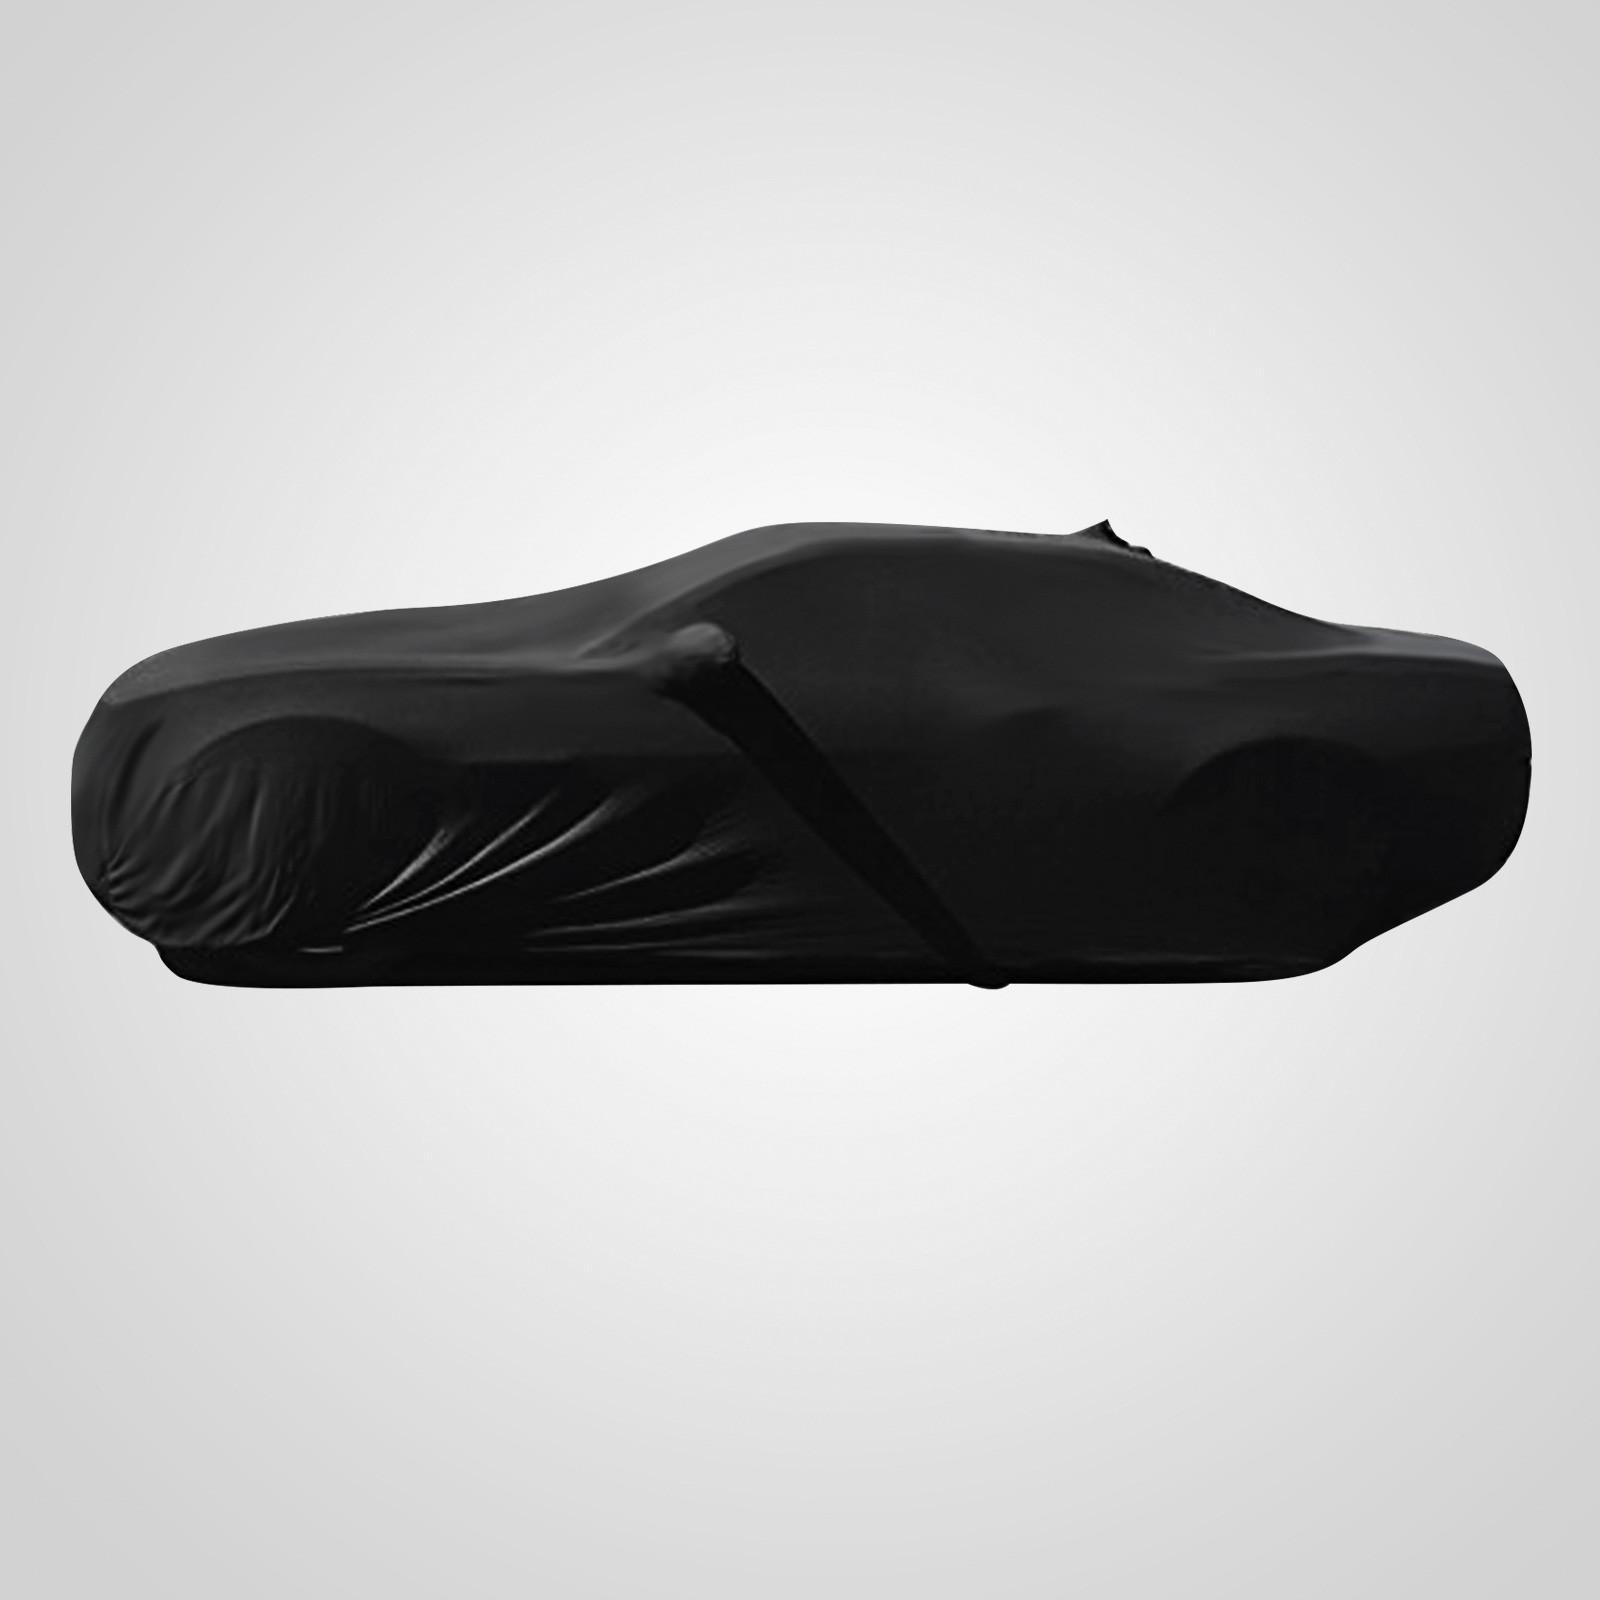 Housse voiture pour porsche 911 996 997 polyester noir for Housse porsche 997